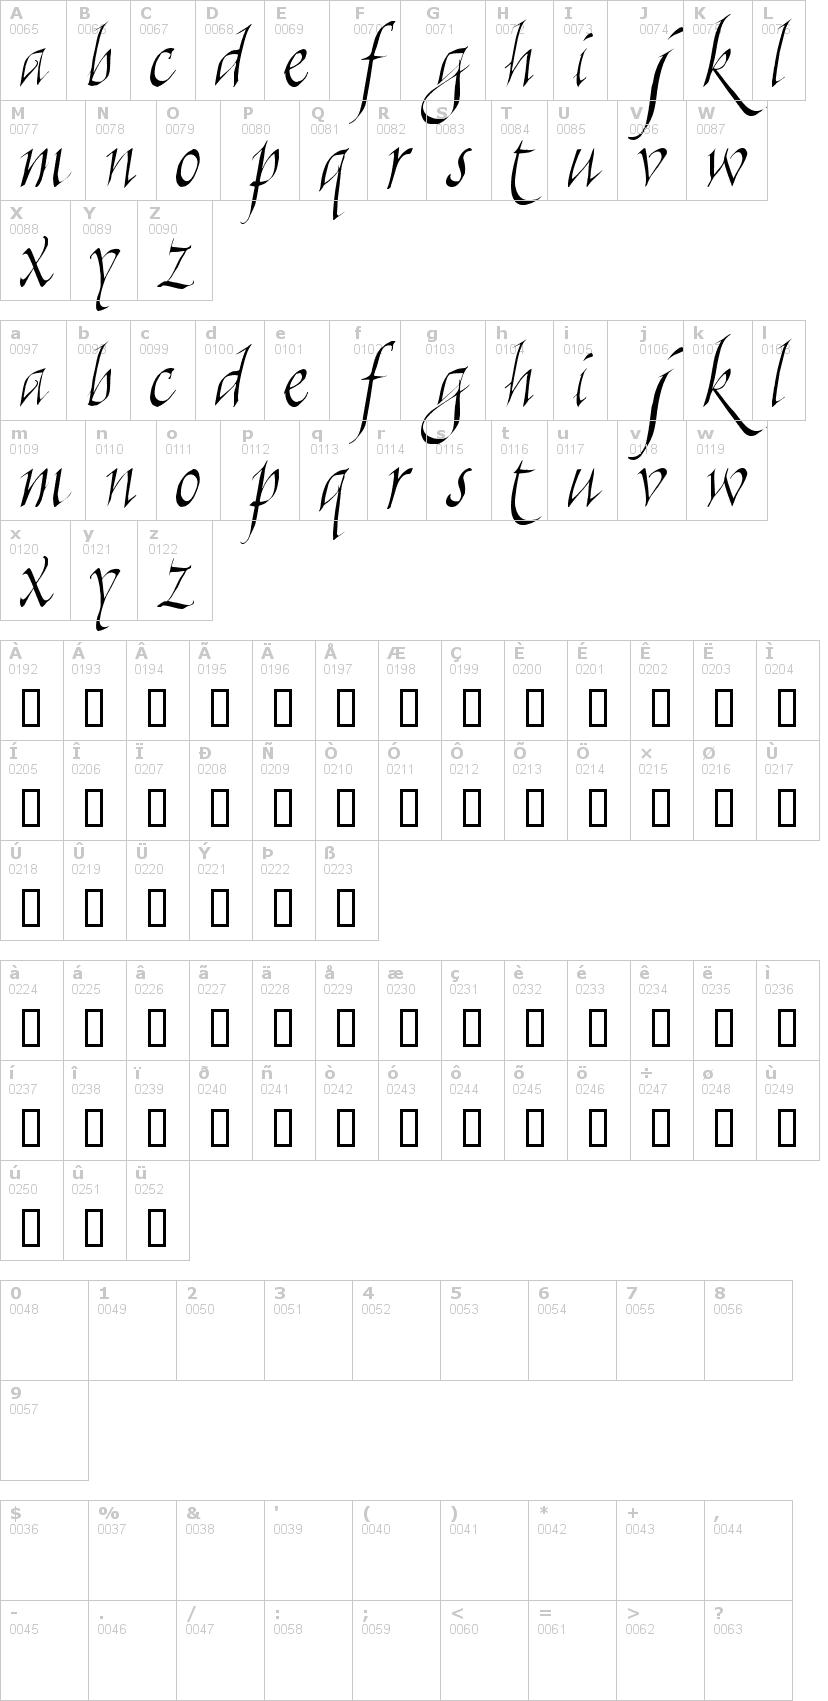 Lettere dell'alfabeto del font killigraphy con le quali è possibile realizzare adesivi prespaziati